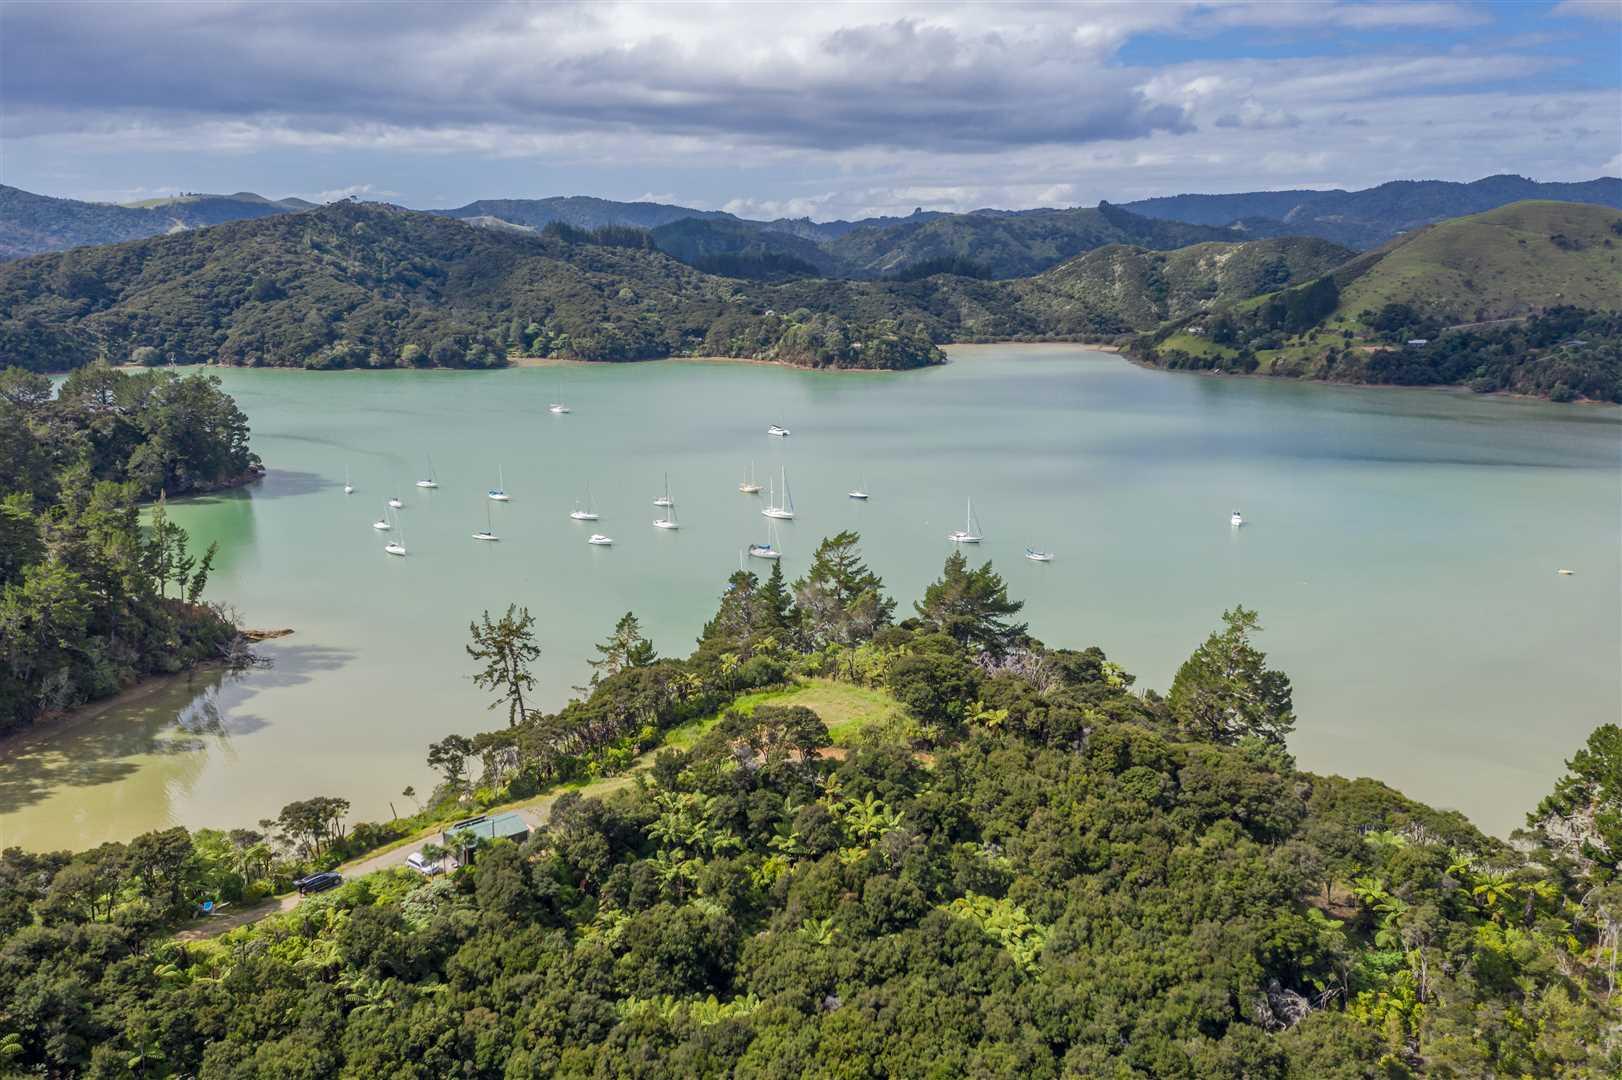 Peaceful Waterfront Retreat - Its Simply Idyllic